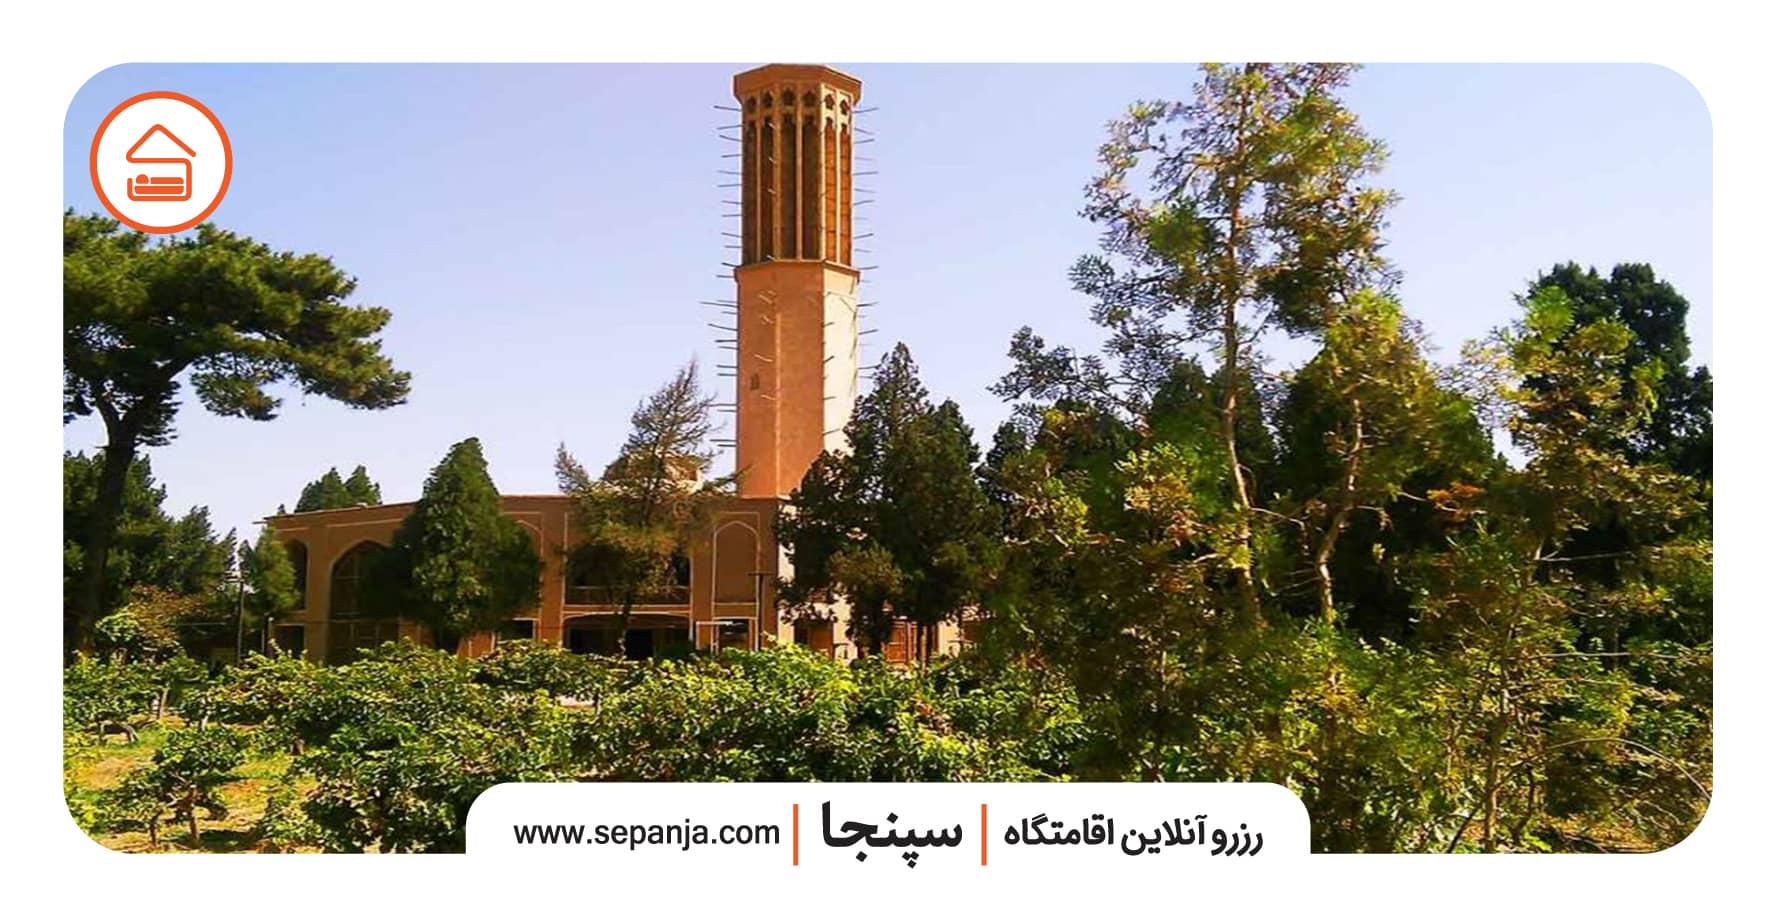 باغ دولتآباد یزد از بهترین جاهای دیدنی یزد